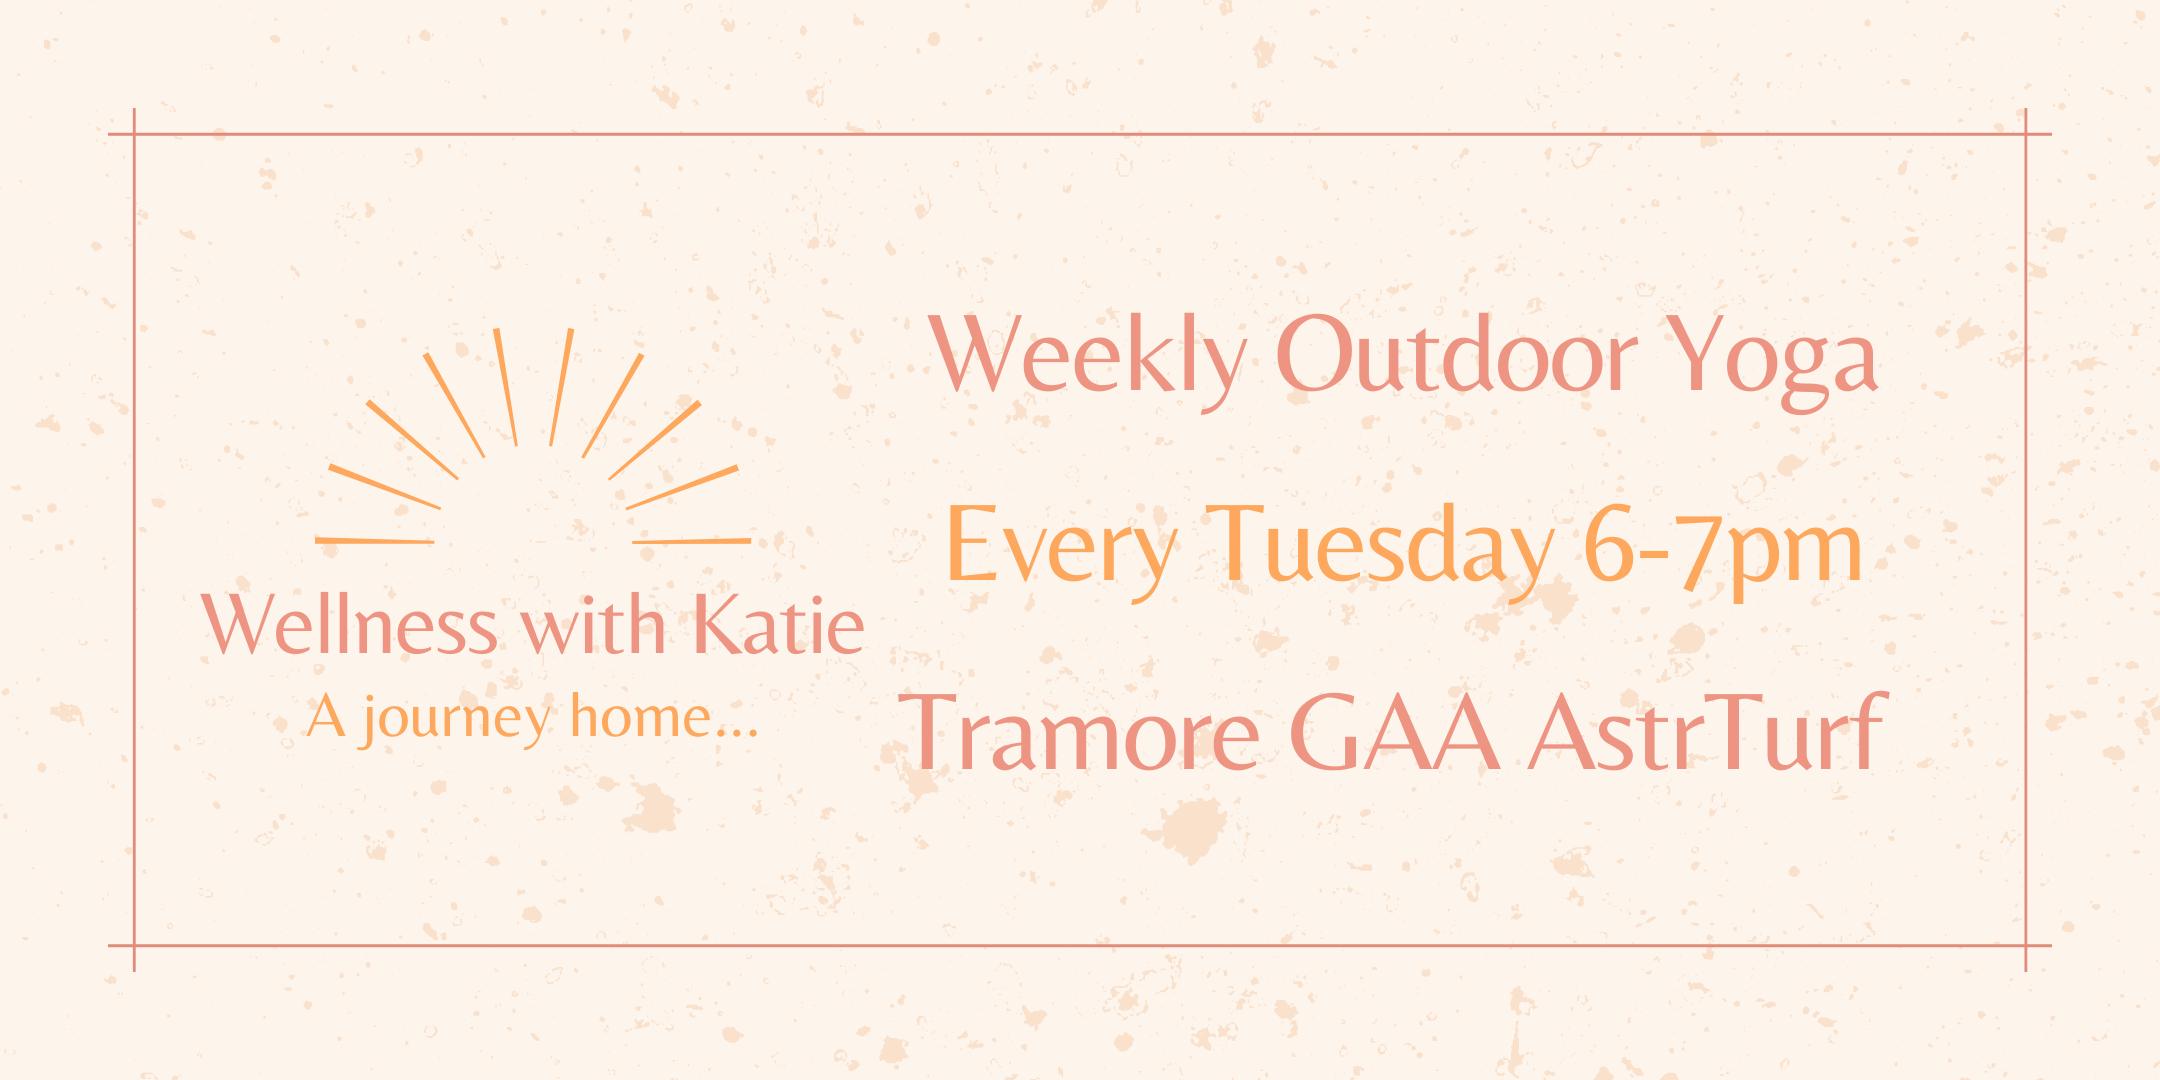 Weekly Outdoor Yoga Tramore GAA with Katie Duggan